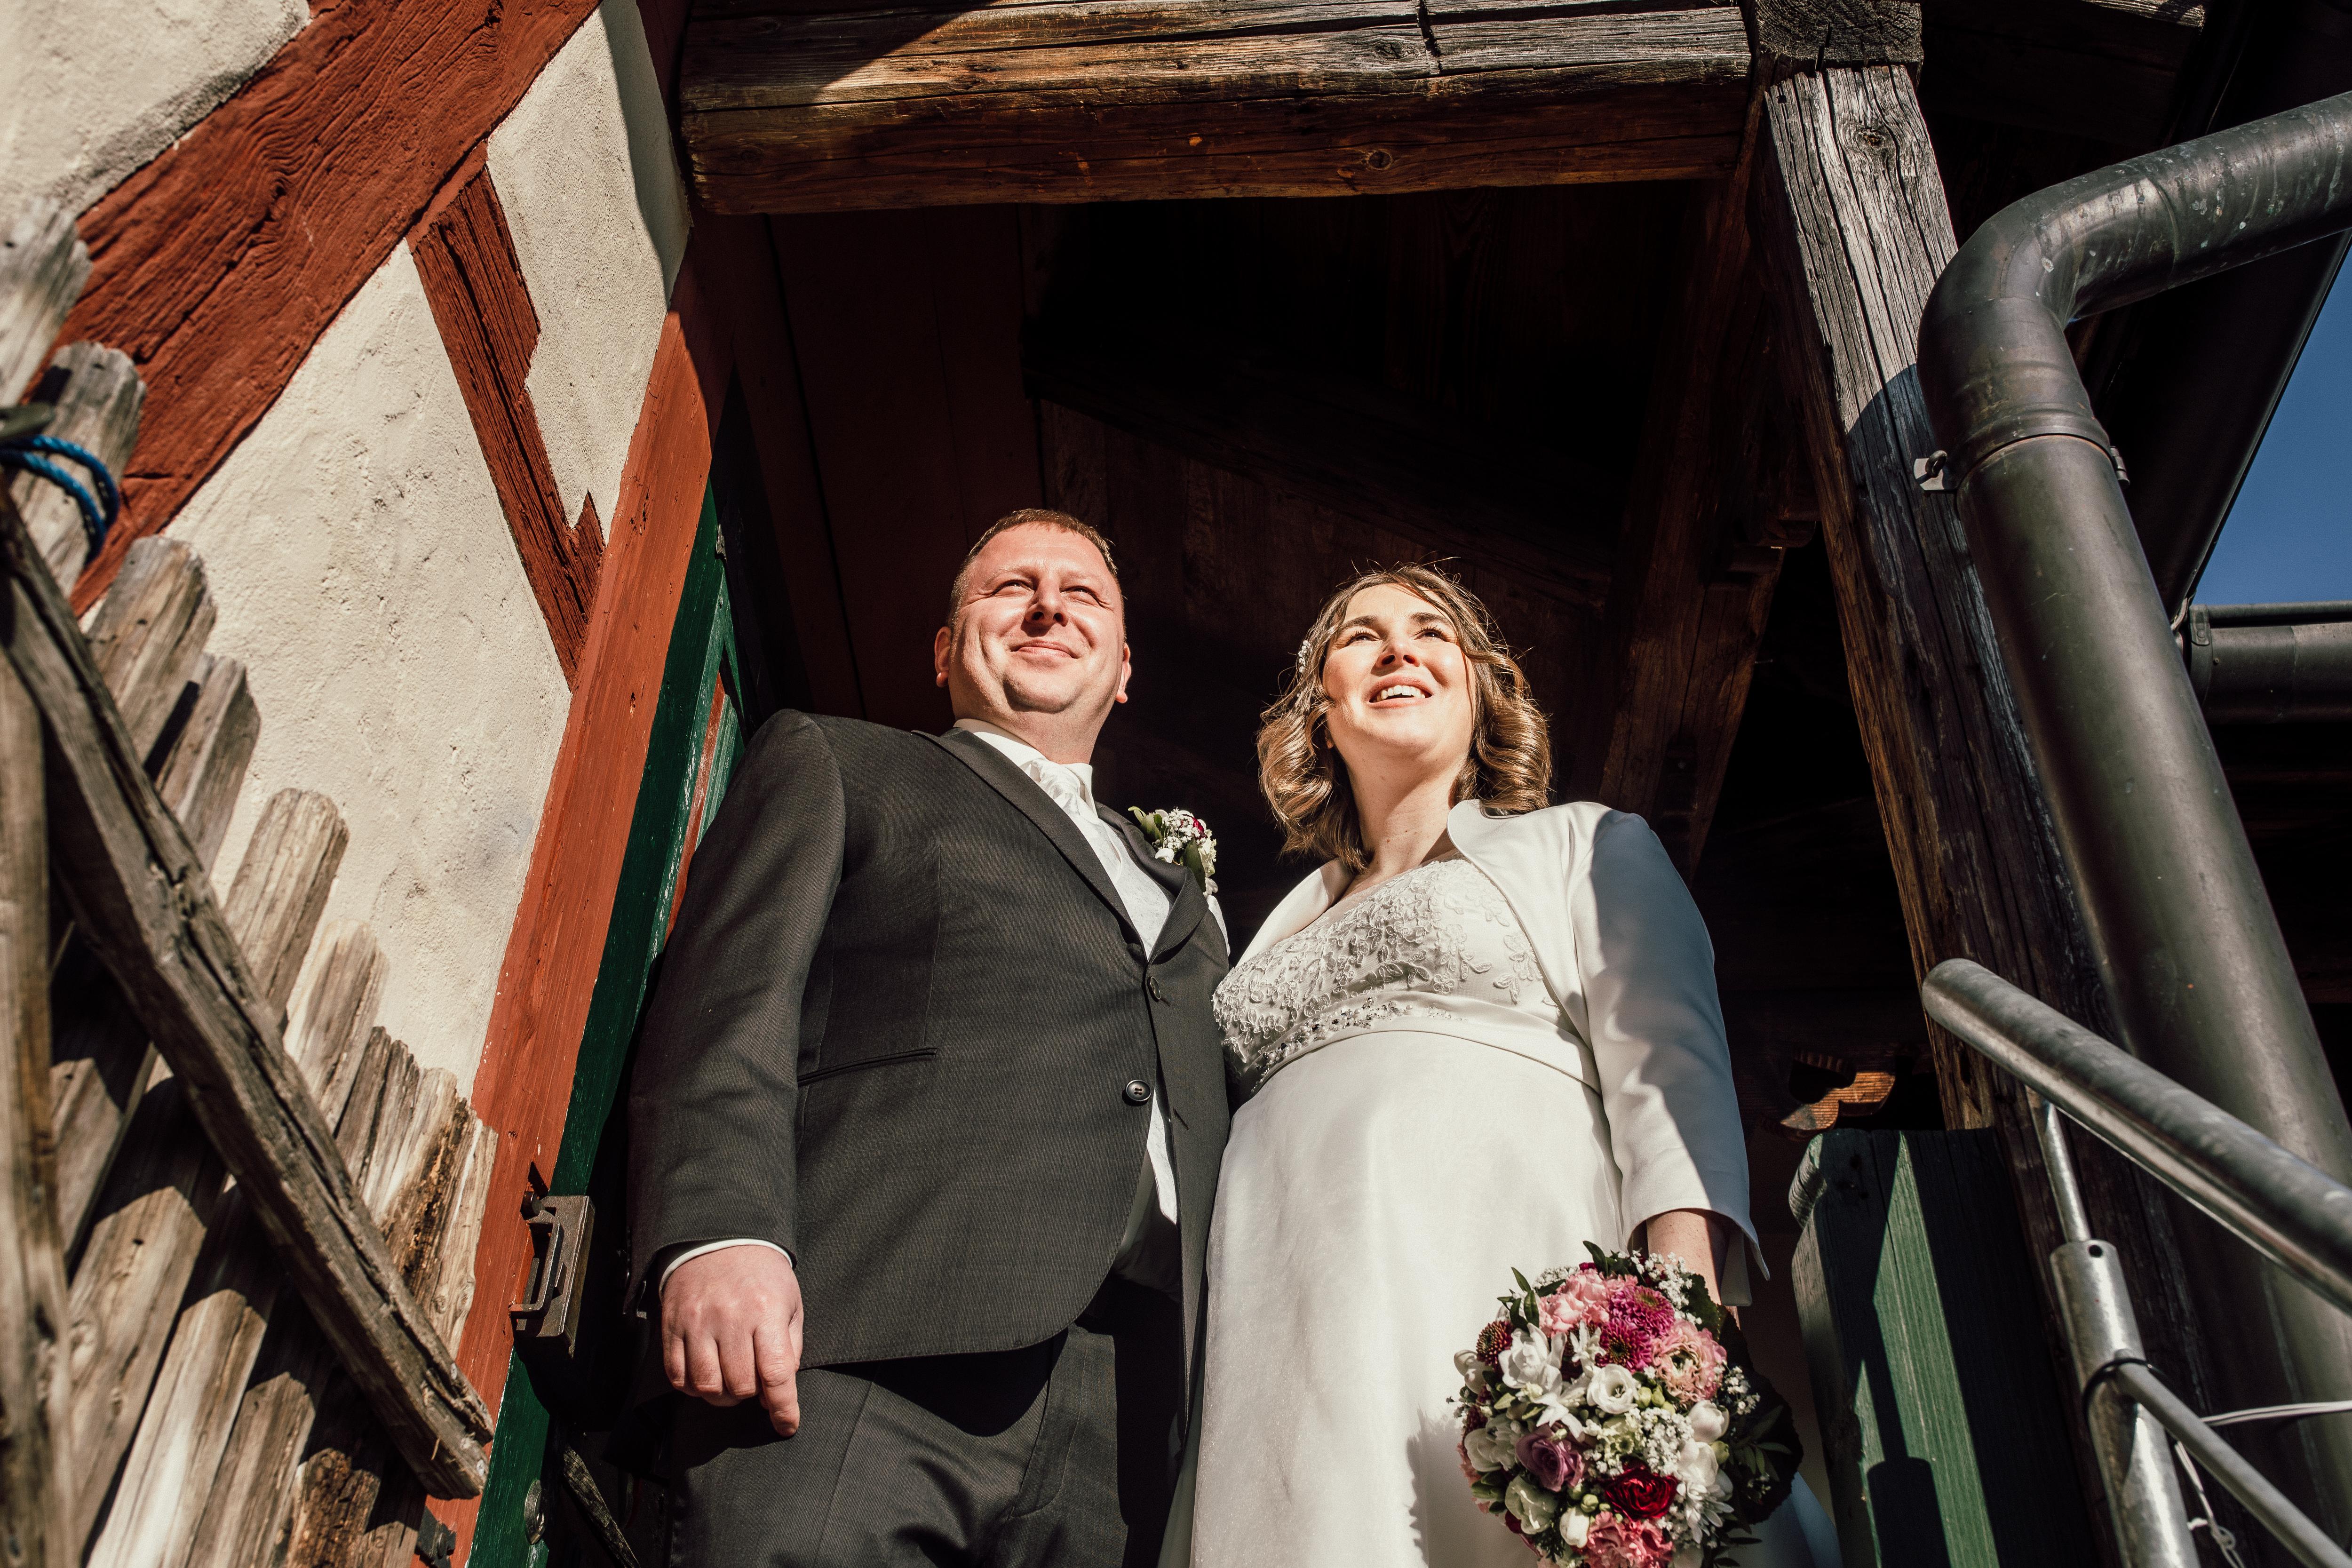 URBANERIE_Daniela_Goth_Hochzeitsfotografin_Nürnberg_Fürth_Erlangen_Schwabach_180223_0799